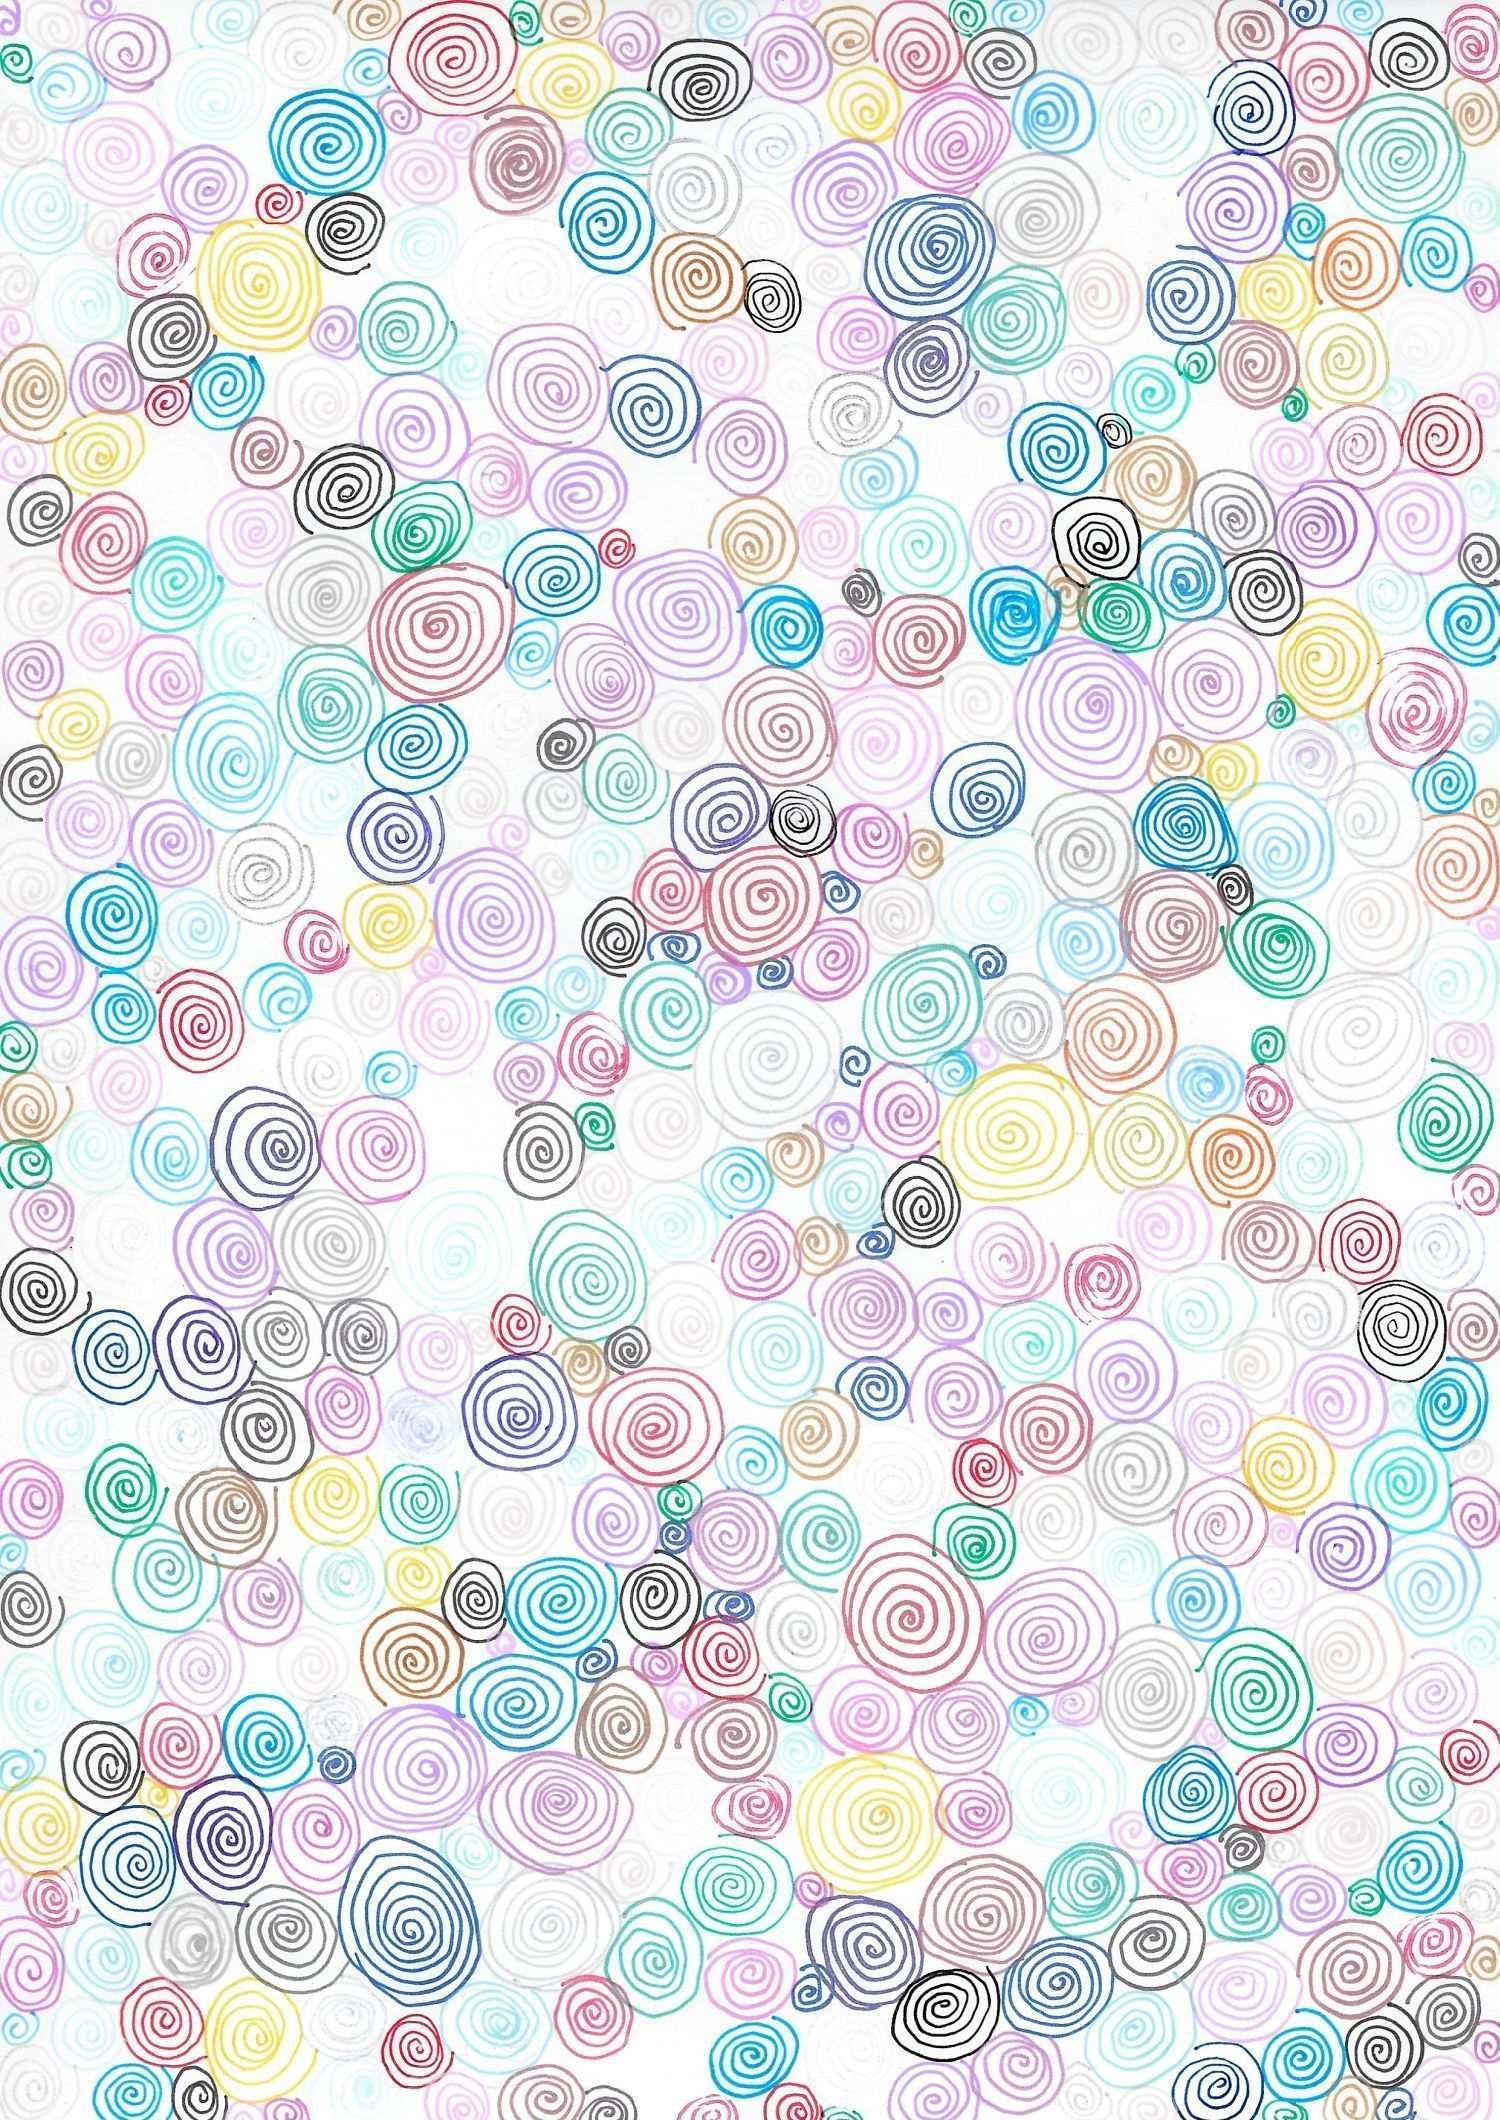 Das Leben Ist Bunt Muster Zeichnungen Bilder Inspirationen Muster Zeichnung Bunte Muster Bunt